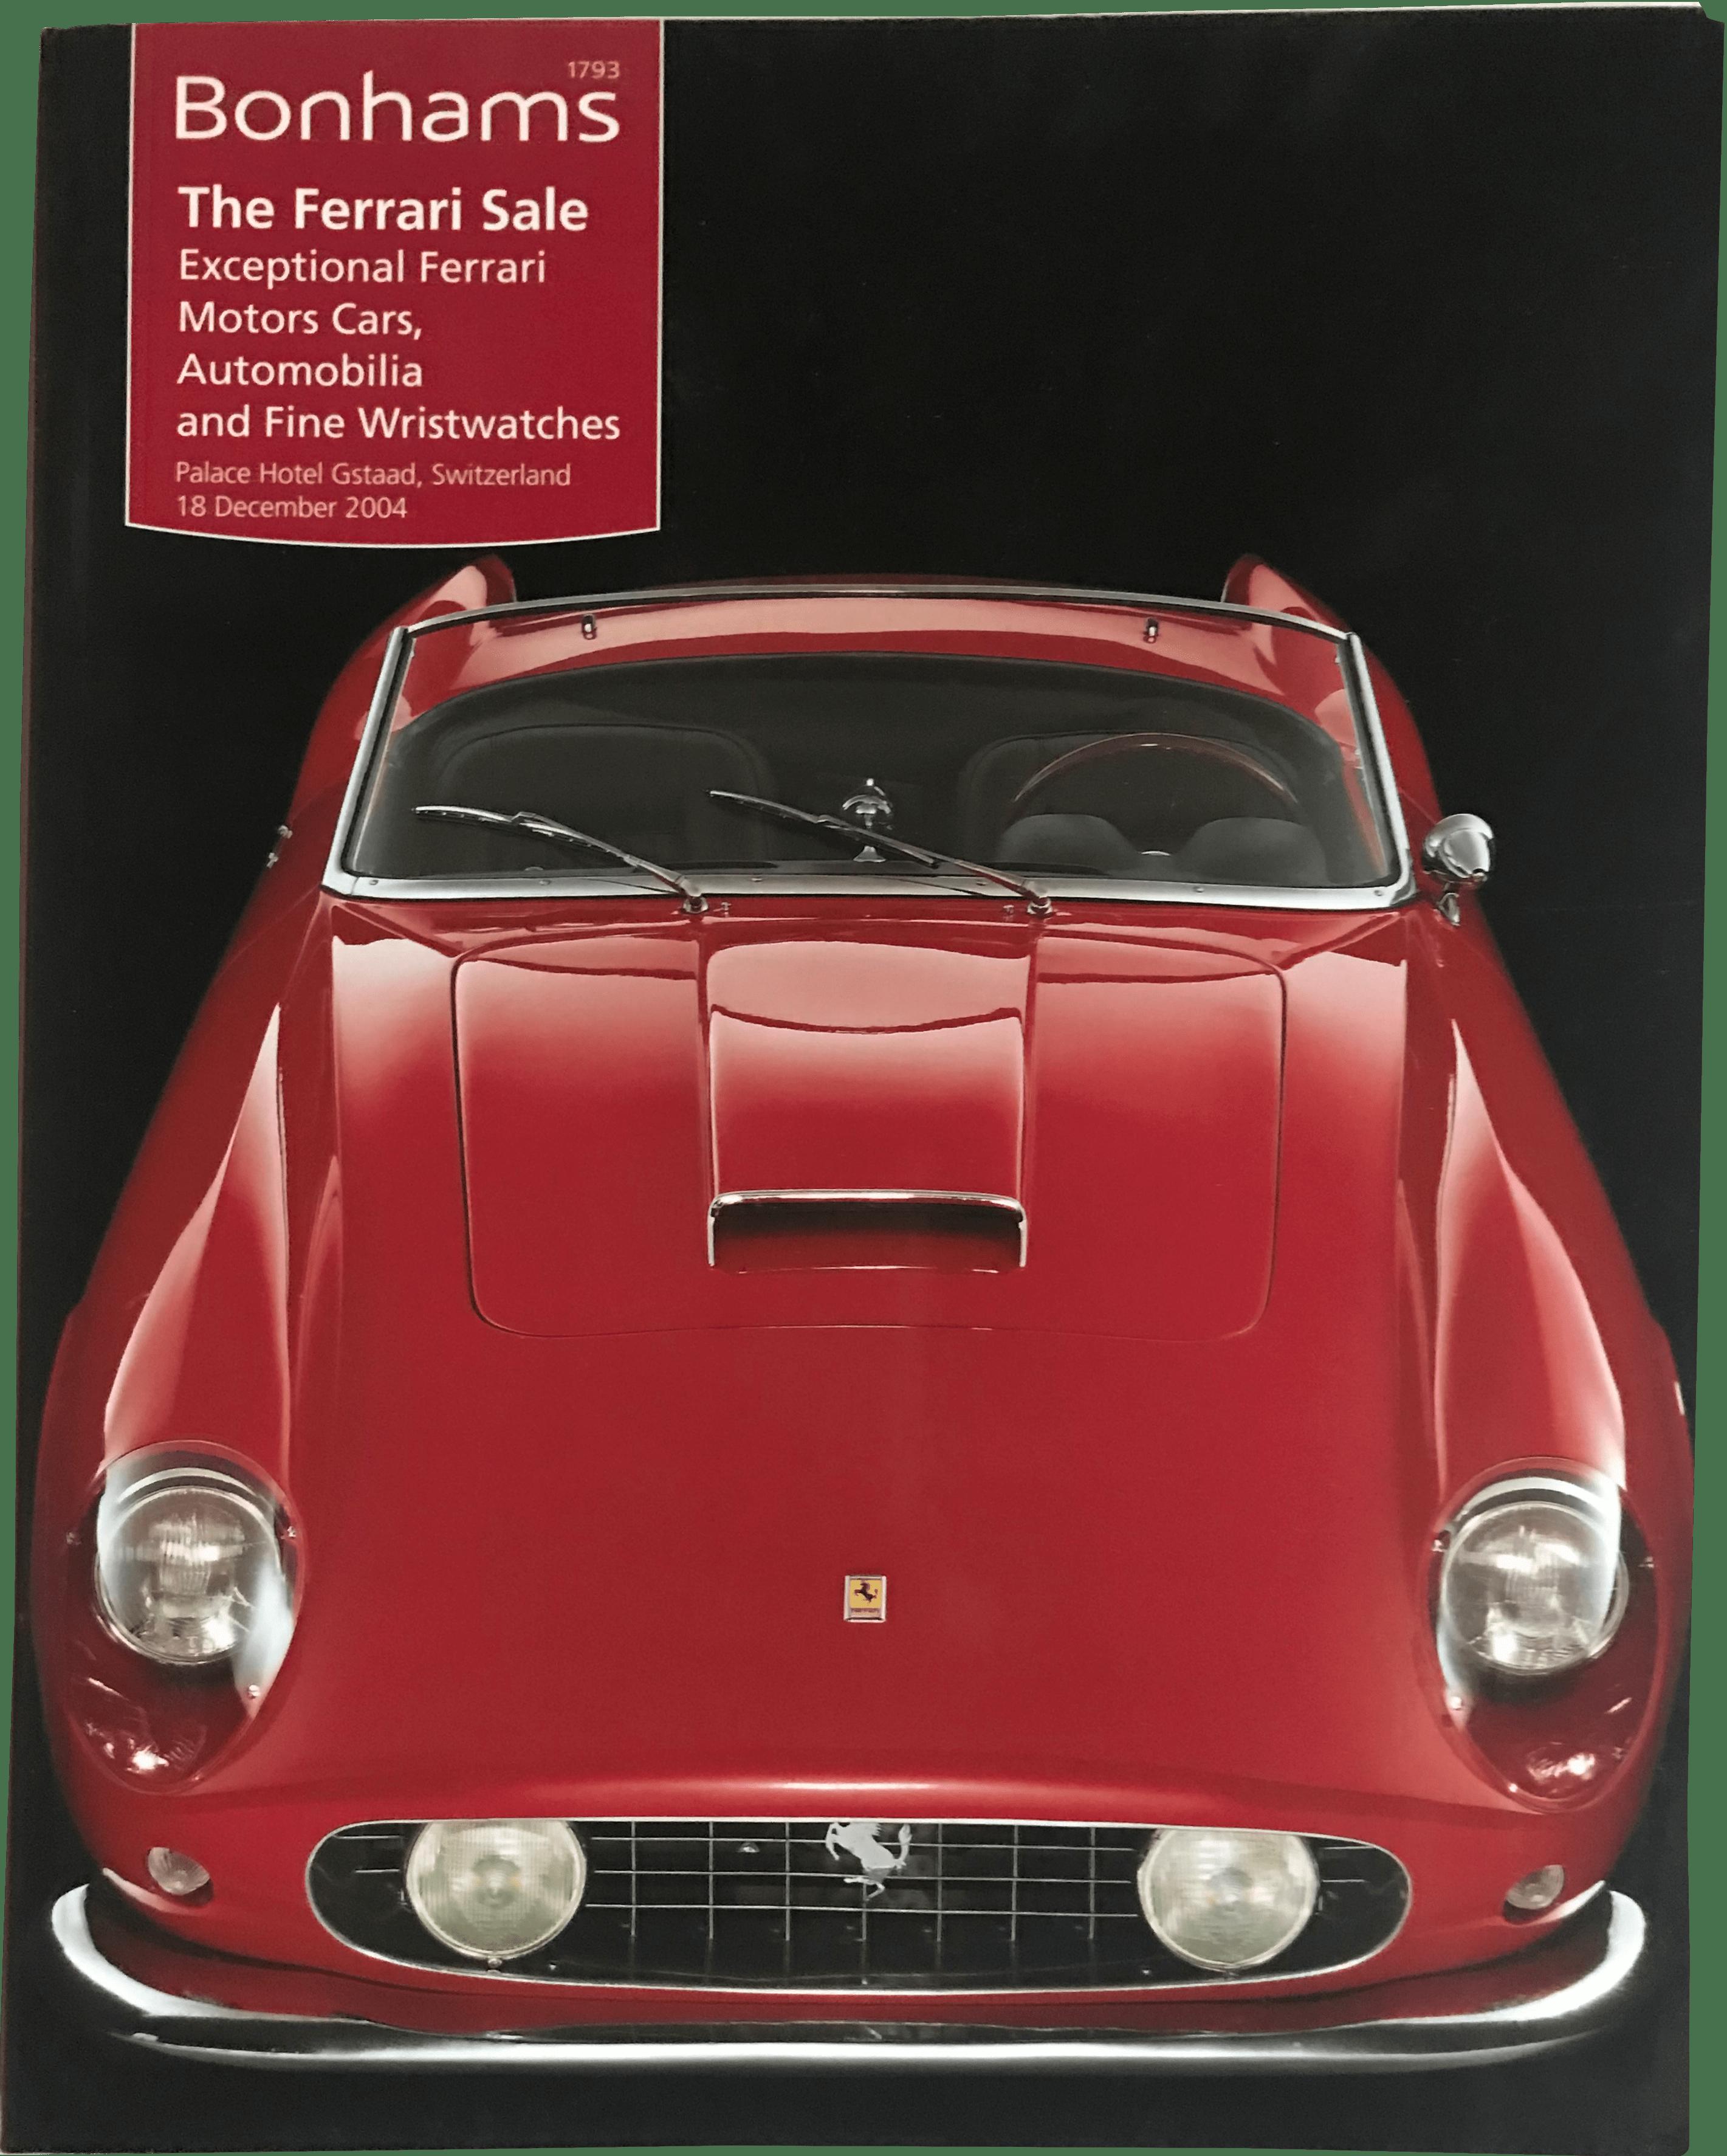 Bonhams Katalog Angebot auf eBay €38